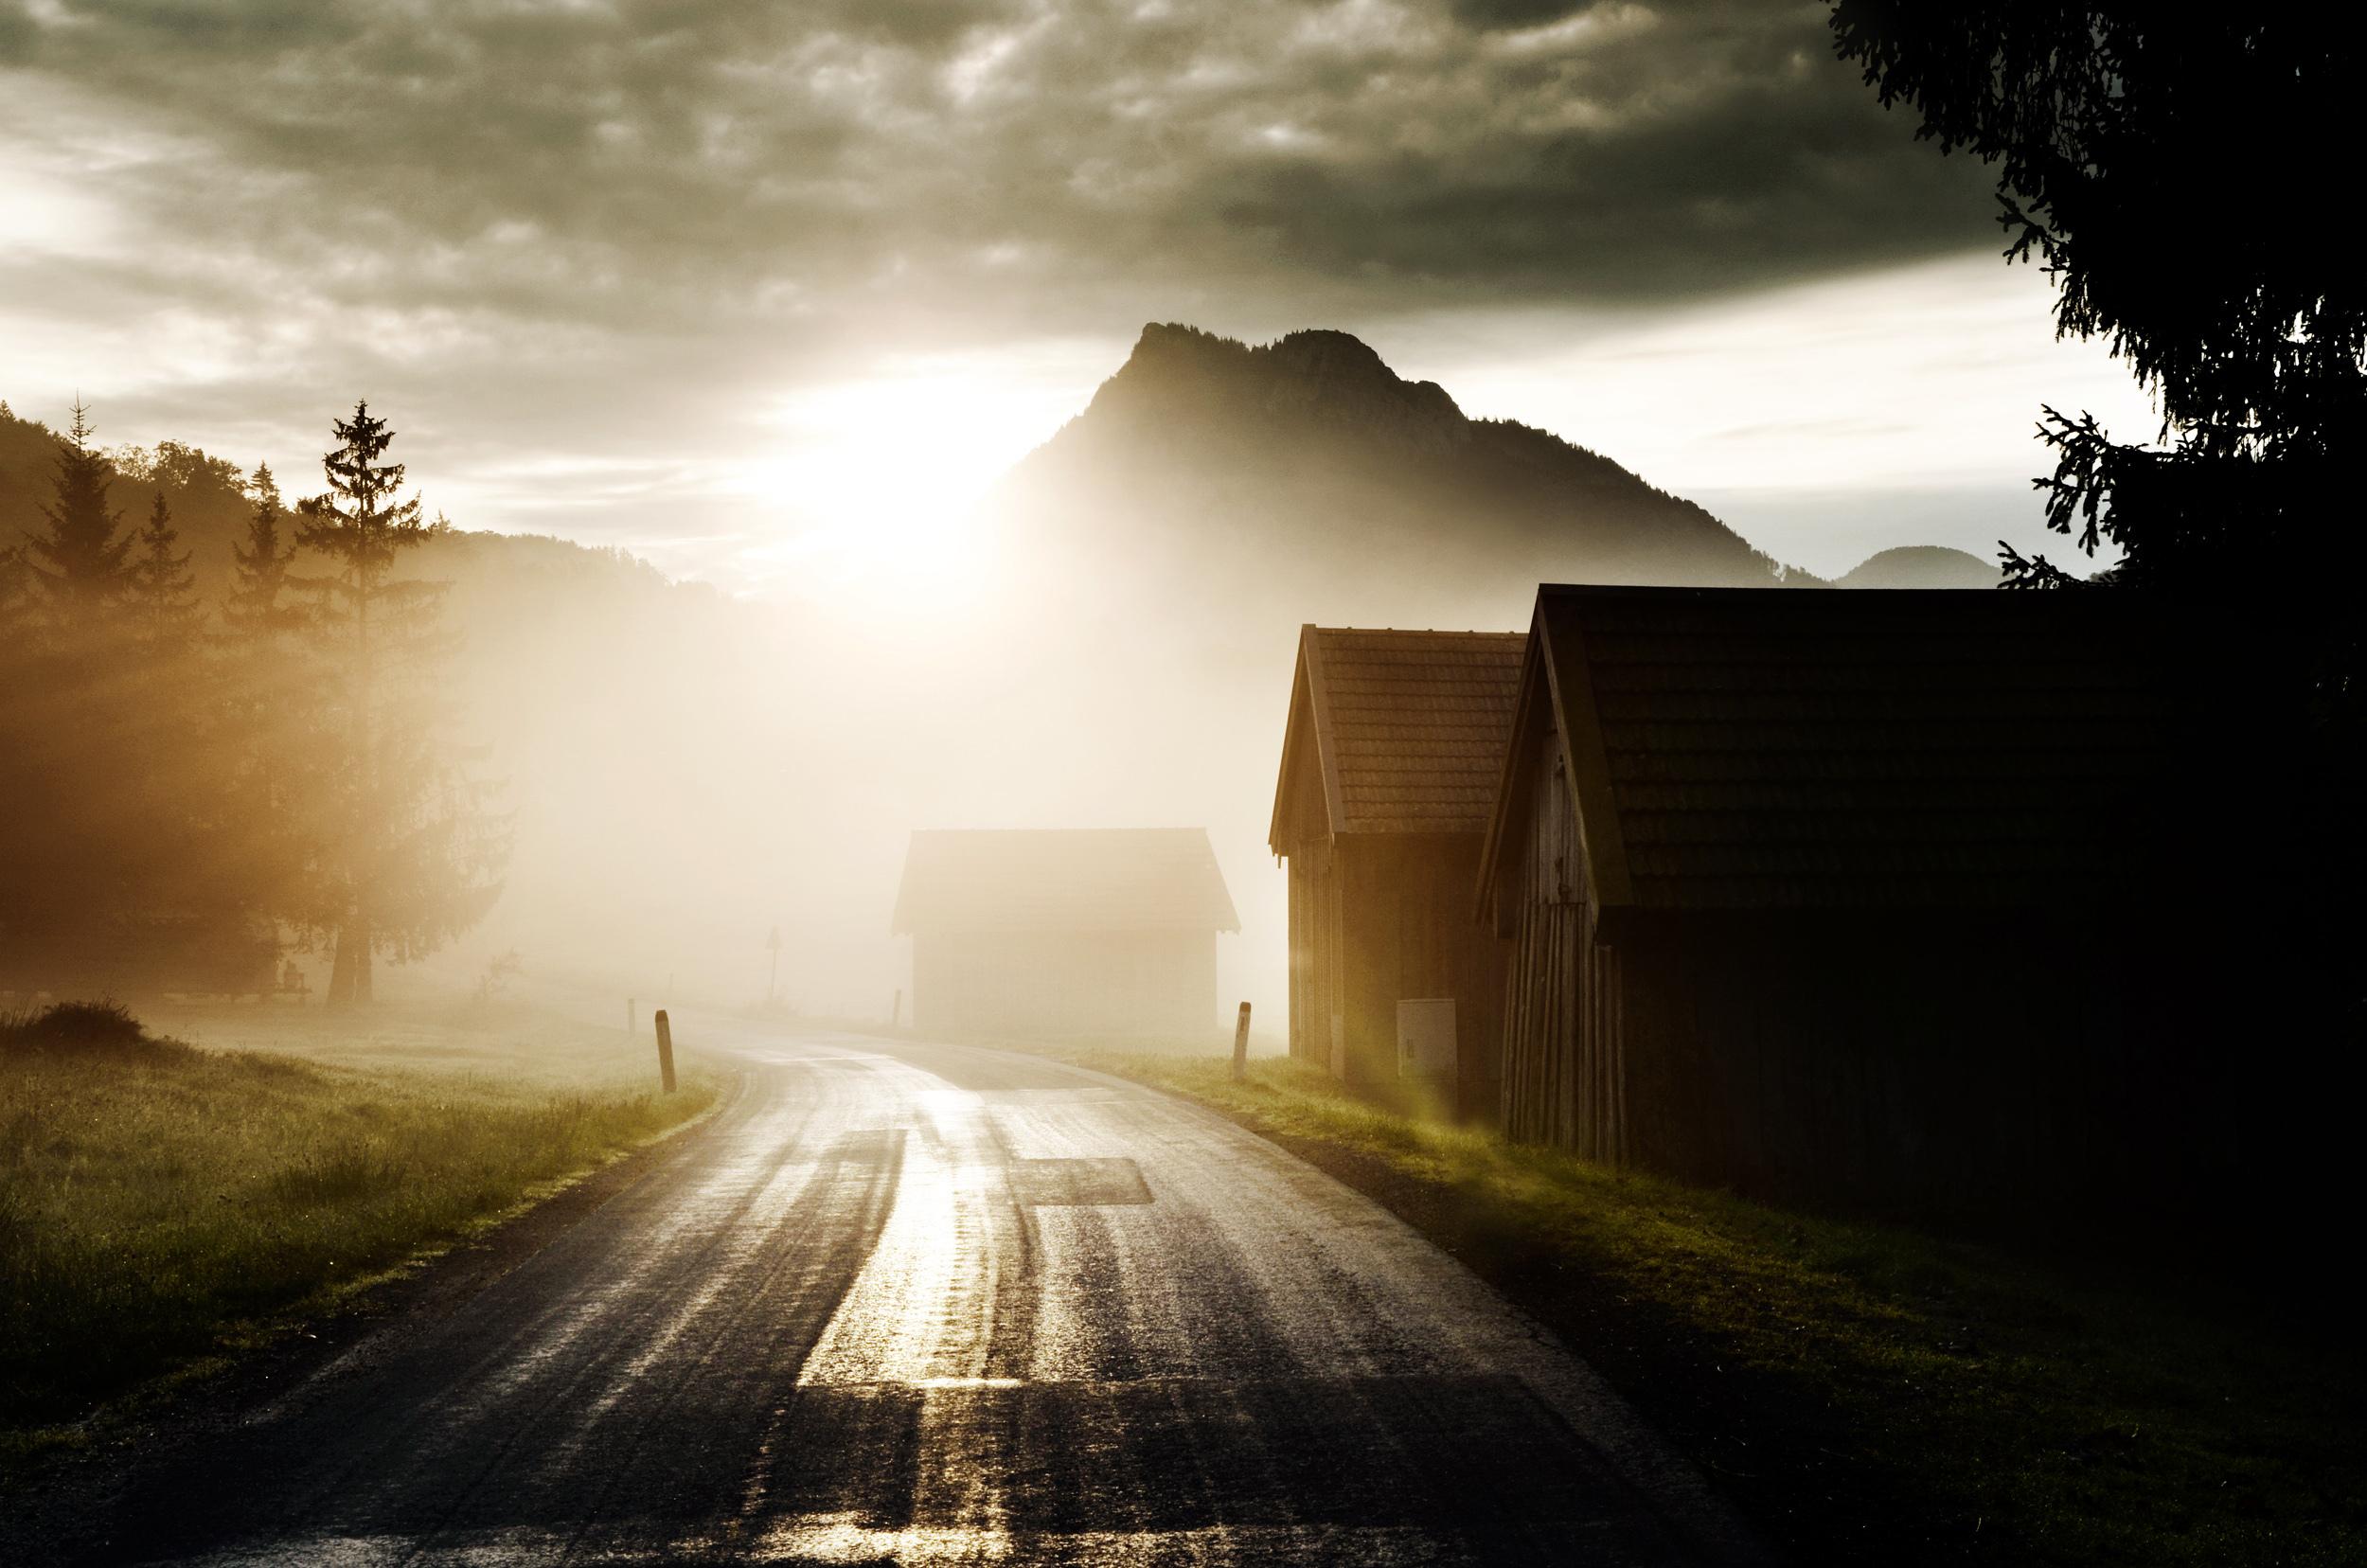 Солнце, рассвет, горы, холмы, дорога  № 3302177 бесплатно